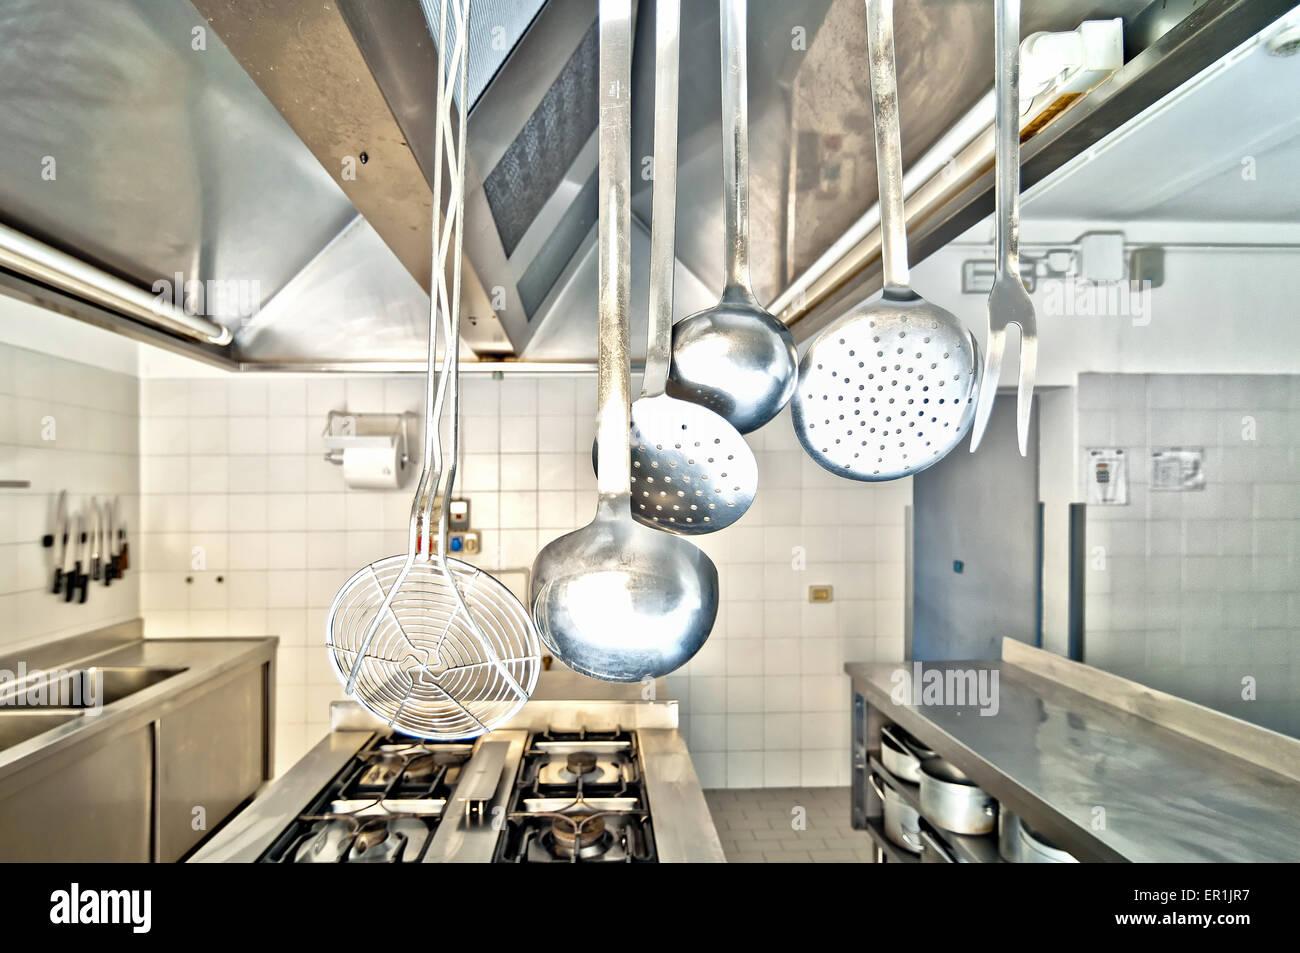 Kochutensilien in der Küche Stockbild